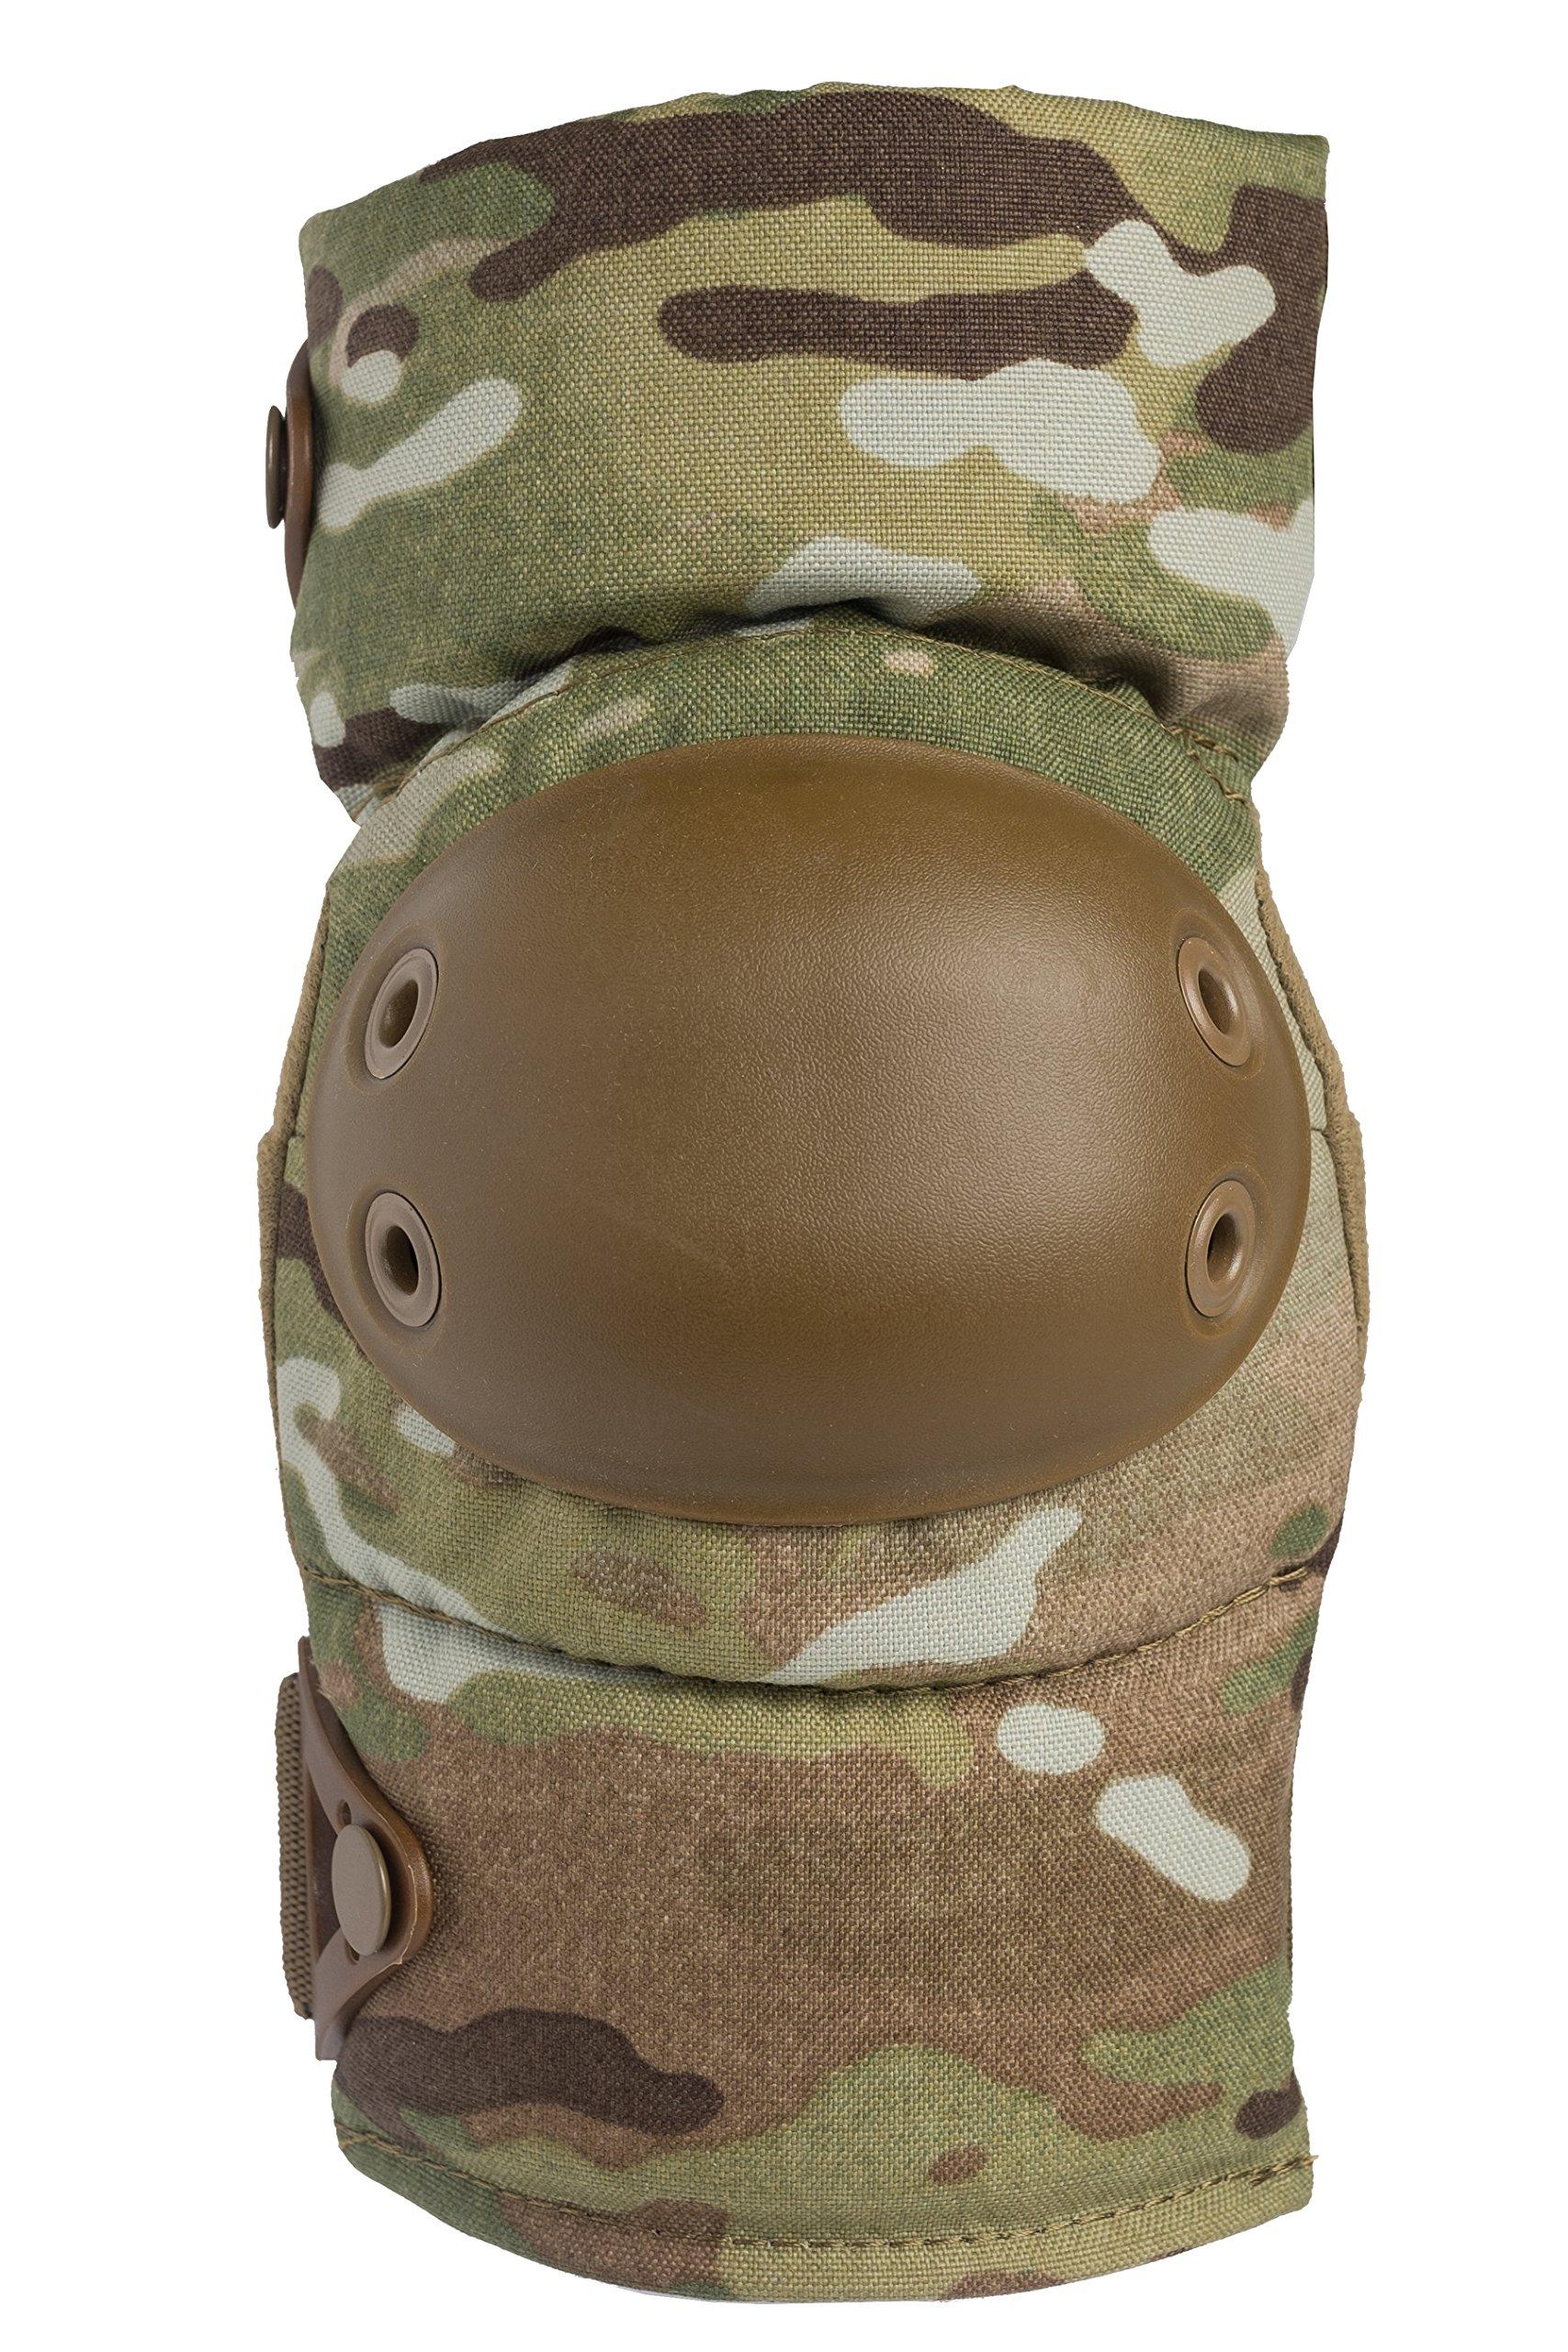 ALTA 53113.16 AltaCONTOUR Elbow Protector Pad, MultiCAM Cordura Nylon Fabric, AltaLOK Fastening, Flexible Cap, Round, Coyote